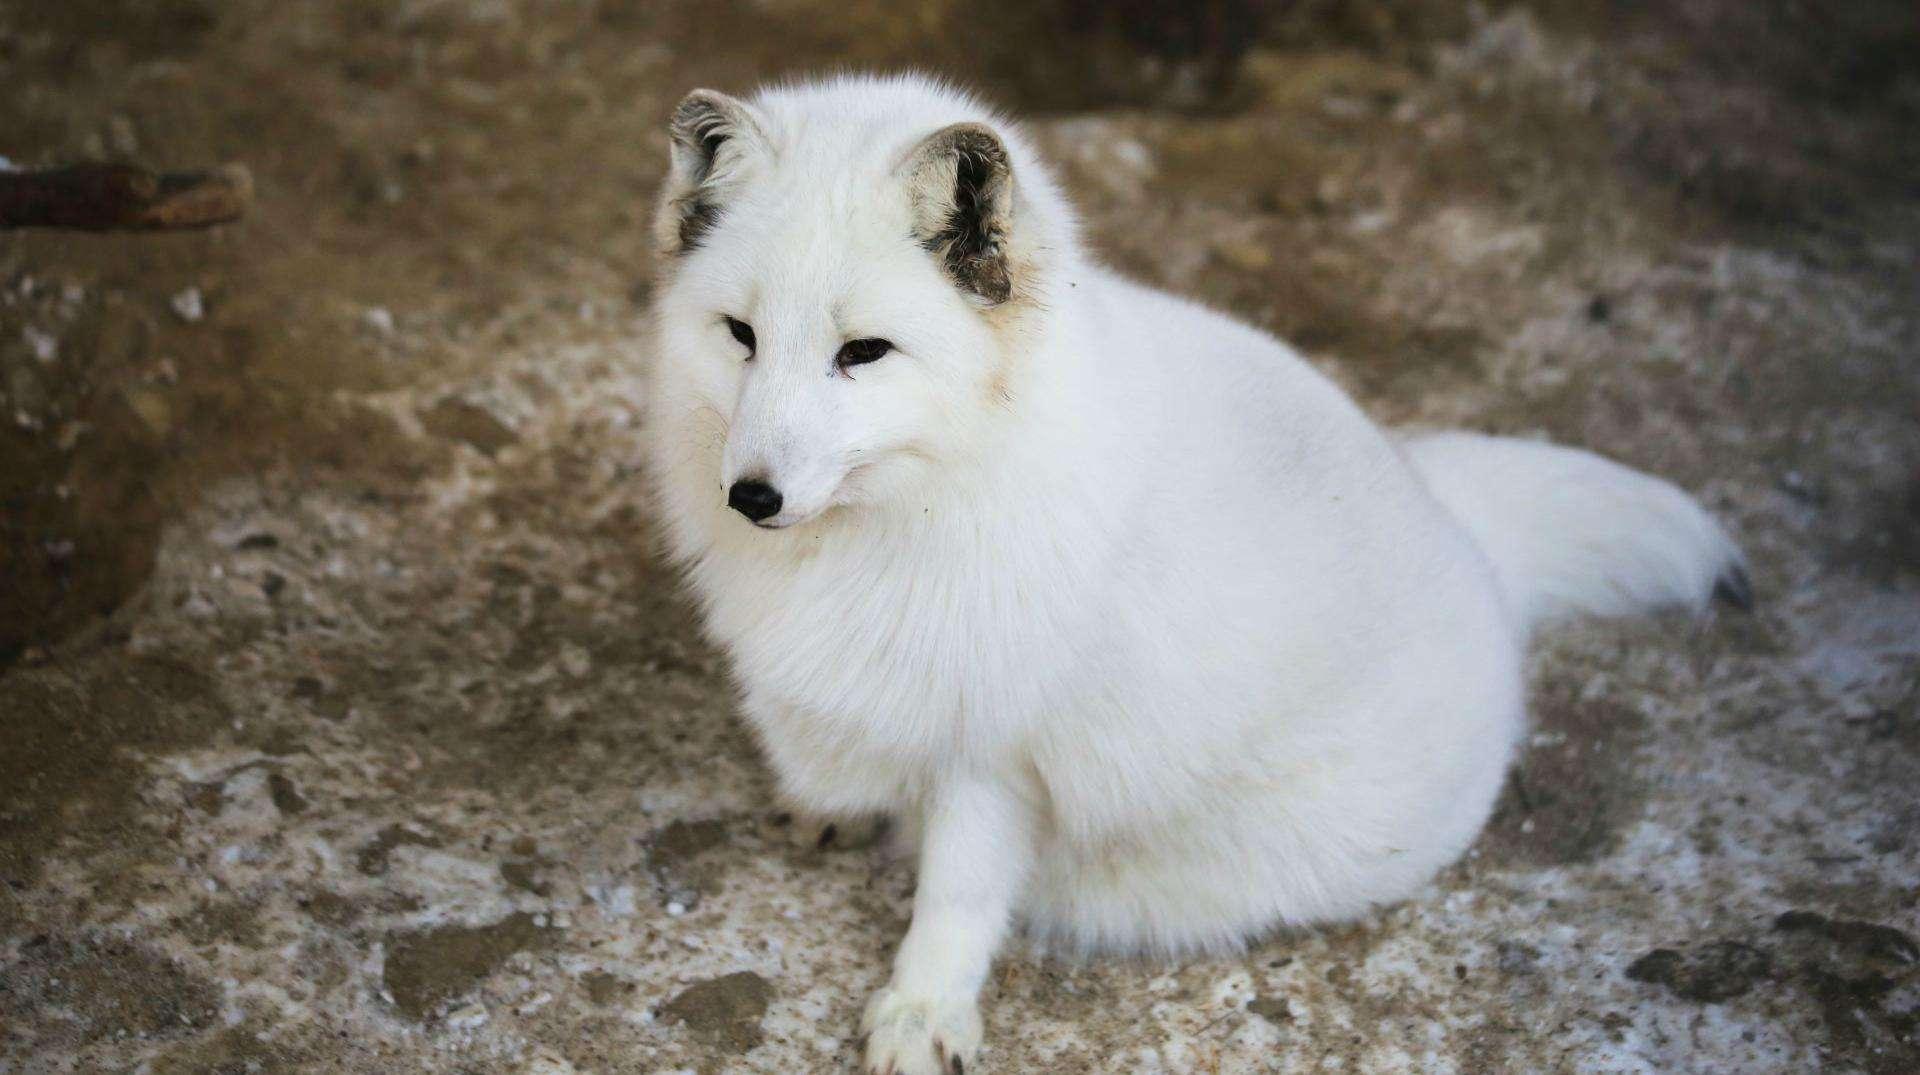 梦见白狐狸是什么意思 梦见狐狸精是人形